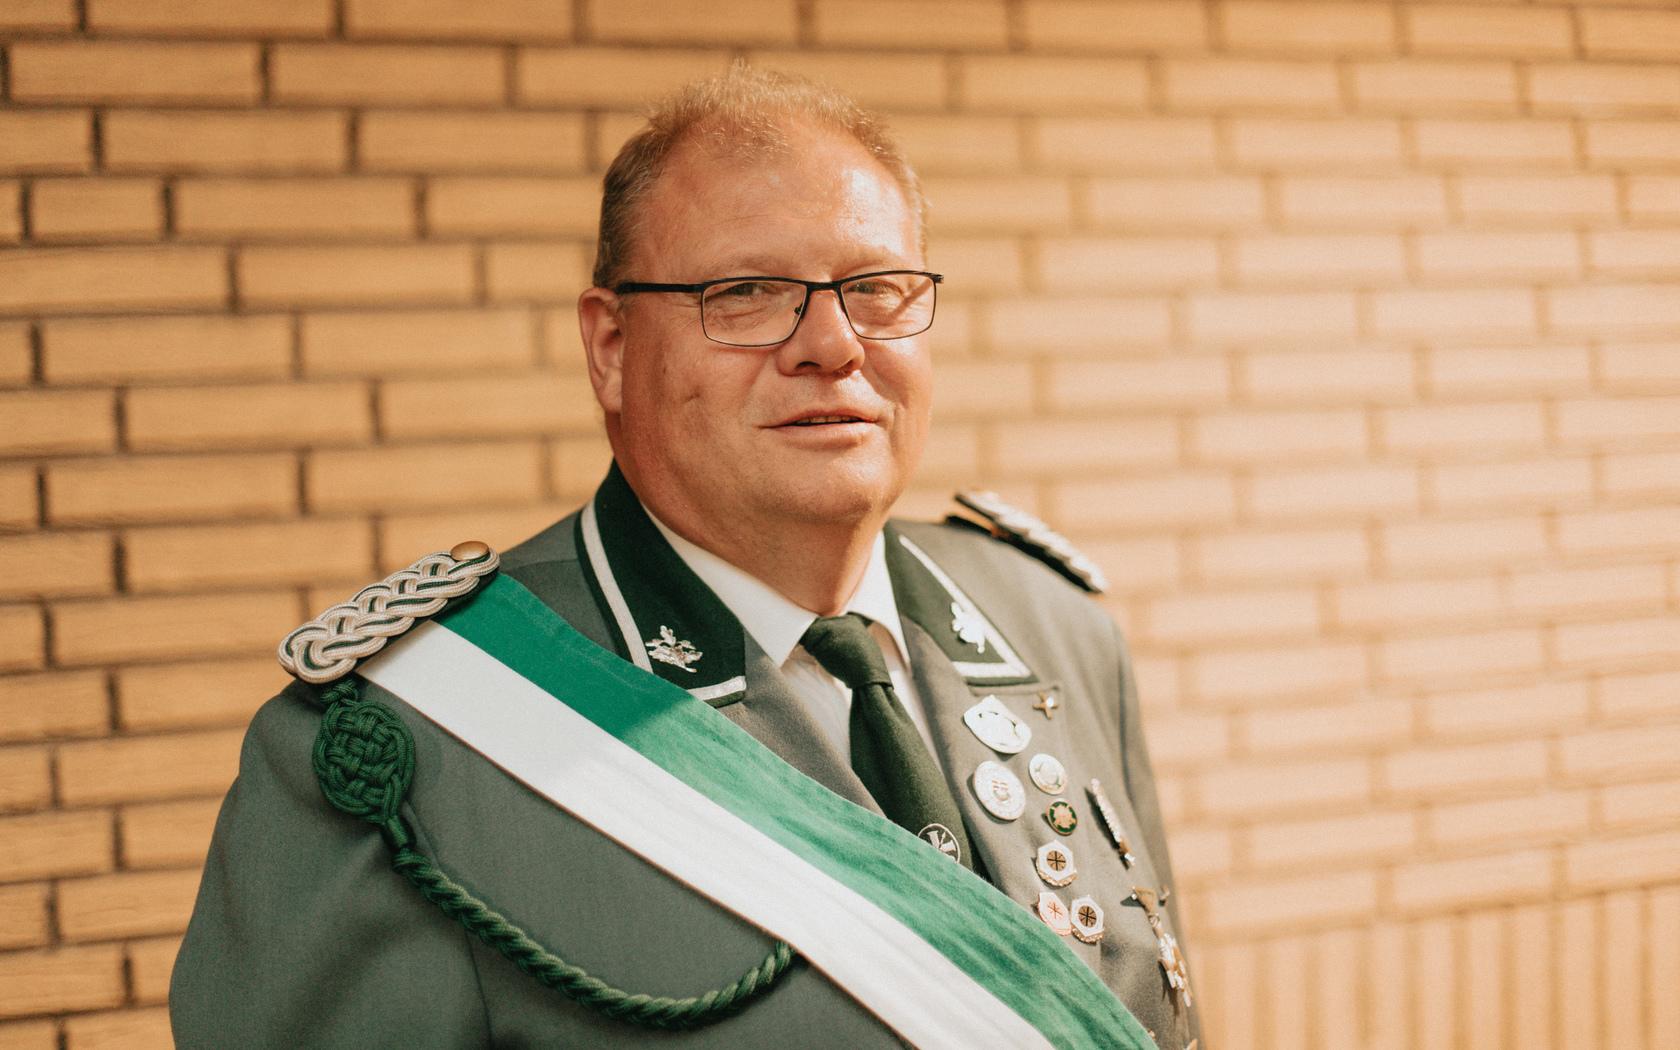 Stefan Burckardt